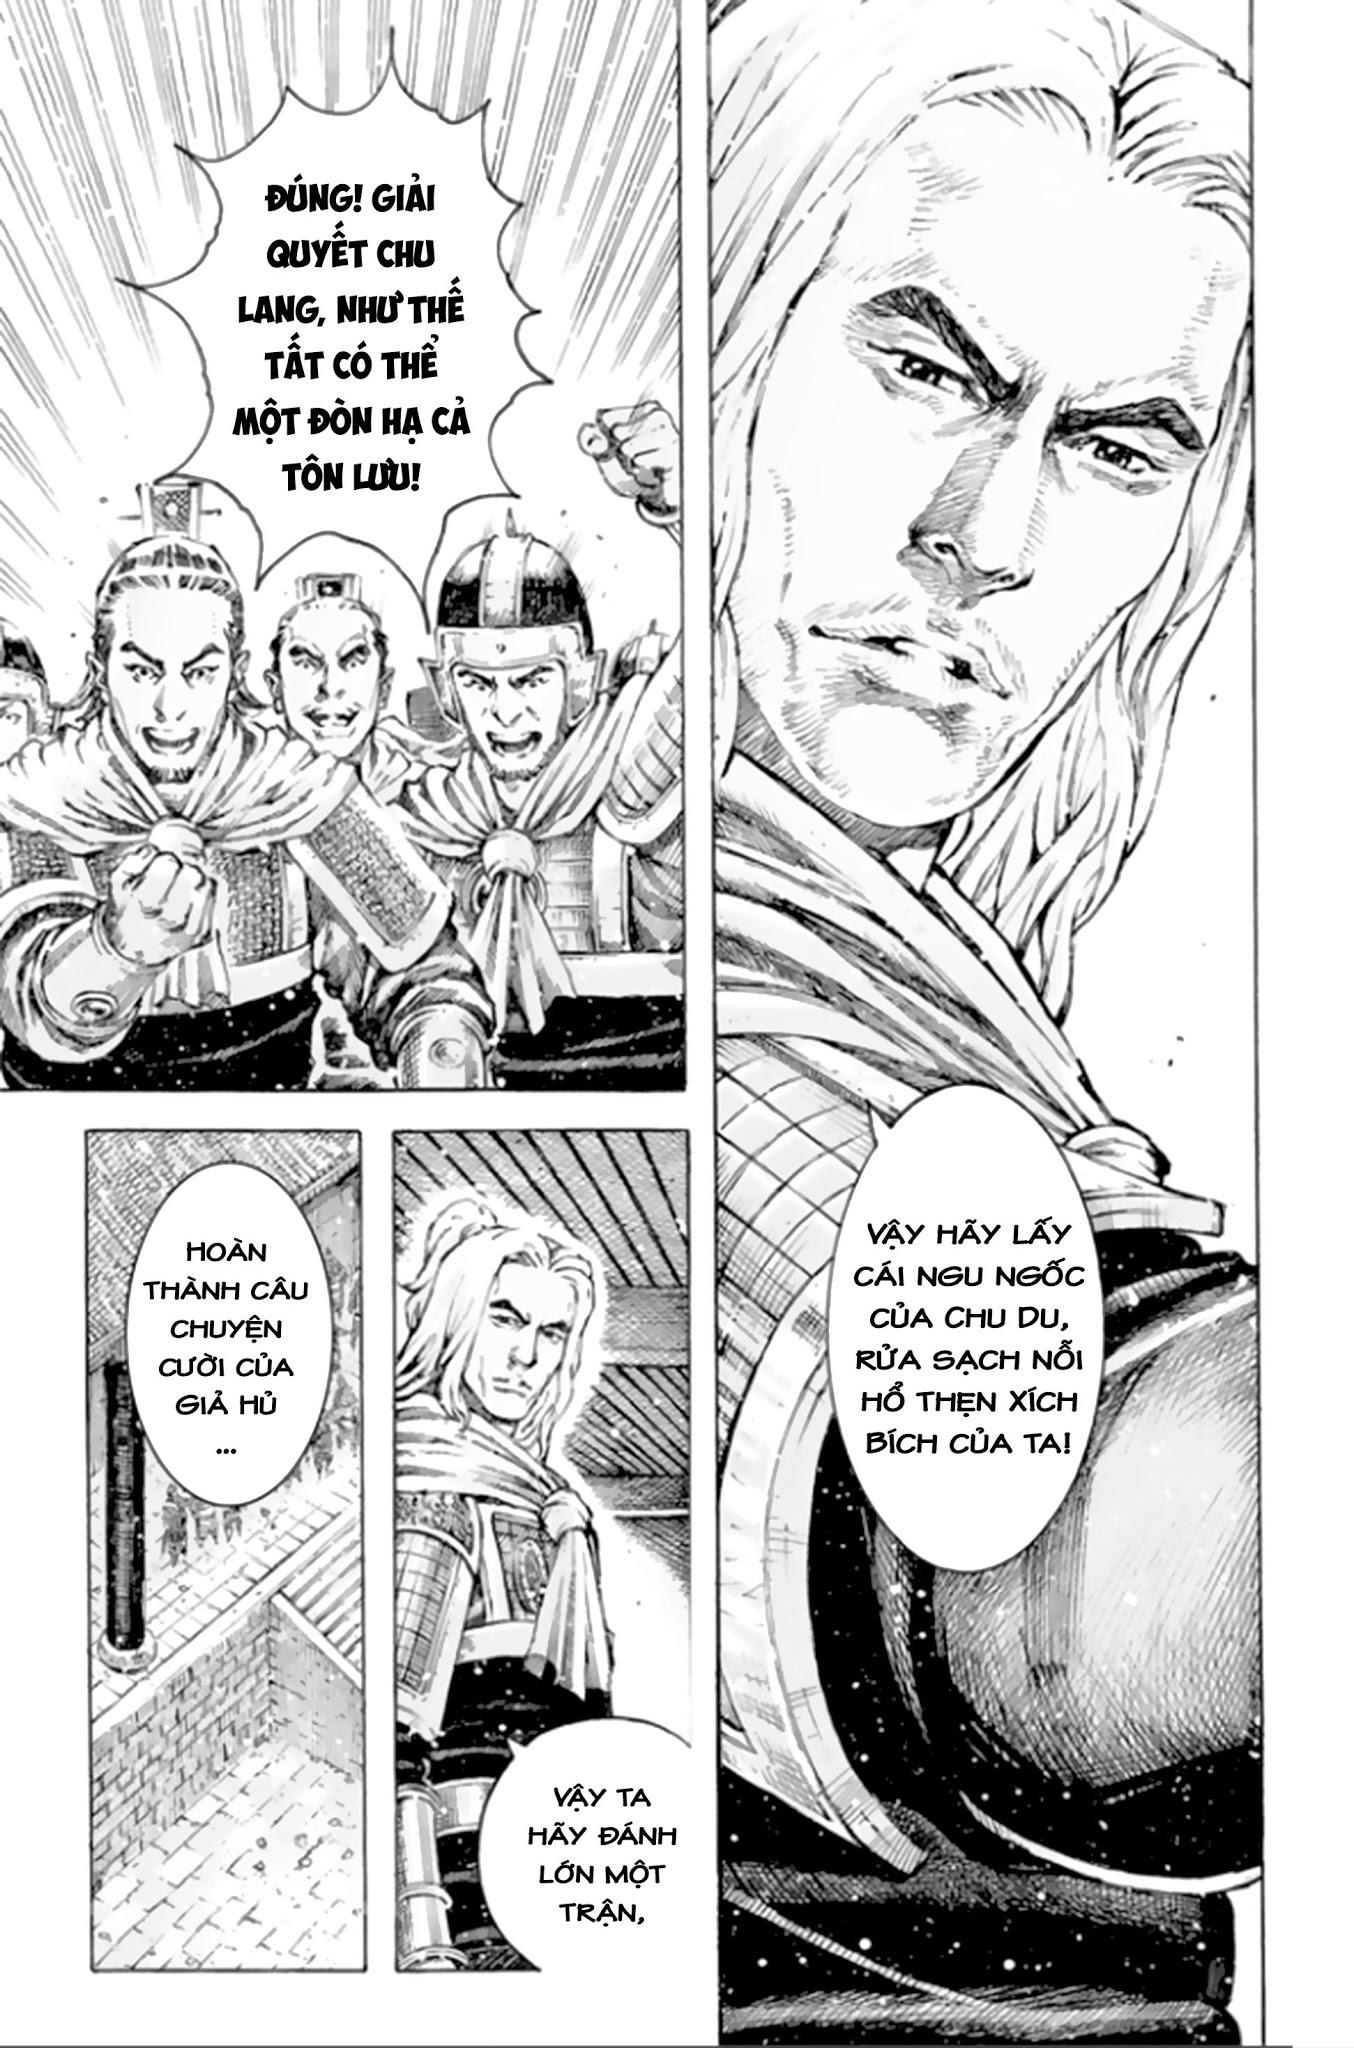 Hỏa Phụng Liêu Nguyên chap 495 Trang 24 - Mangak.info